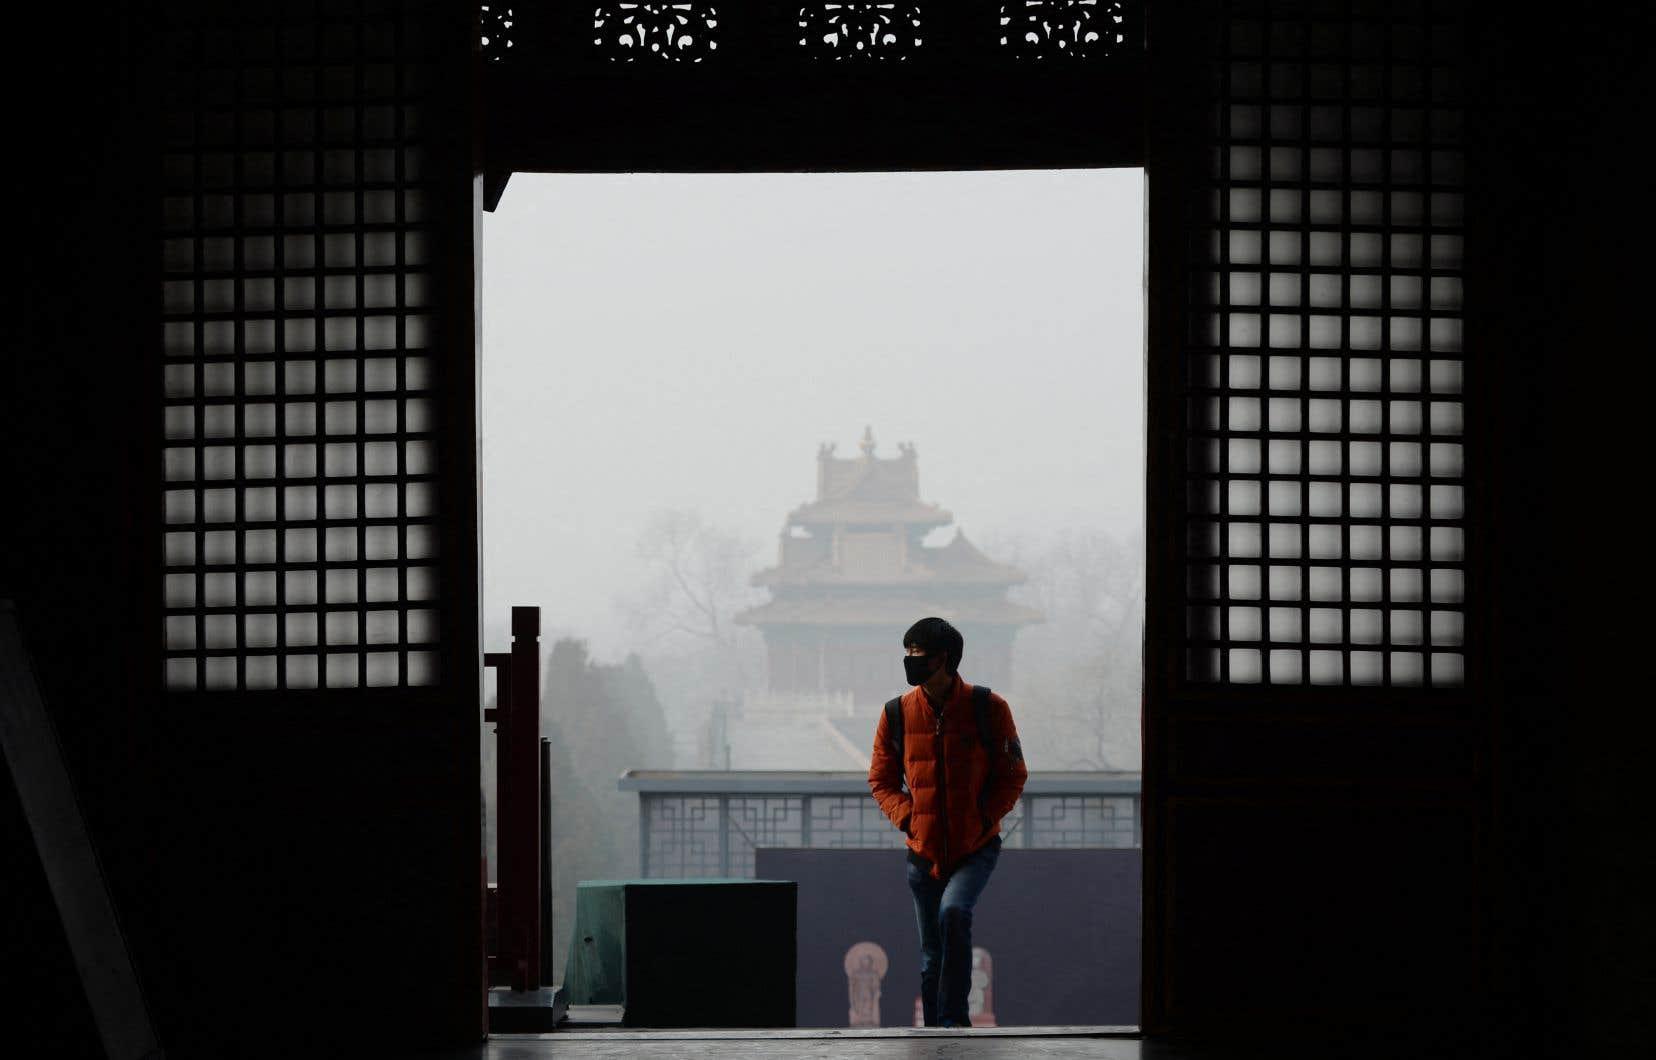 La Chine est à l'origine de plus du quart des émissions mondiales de gaz à effet de serre.